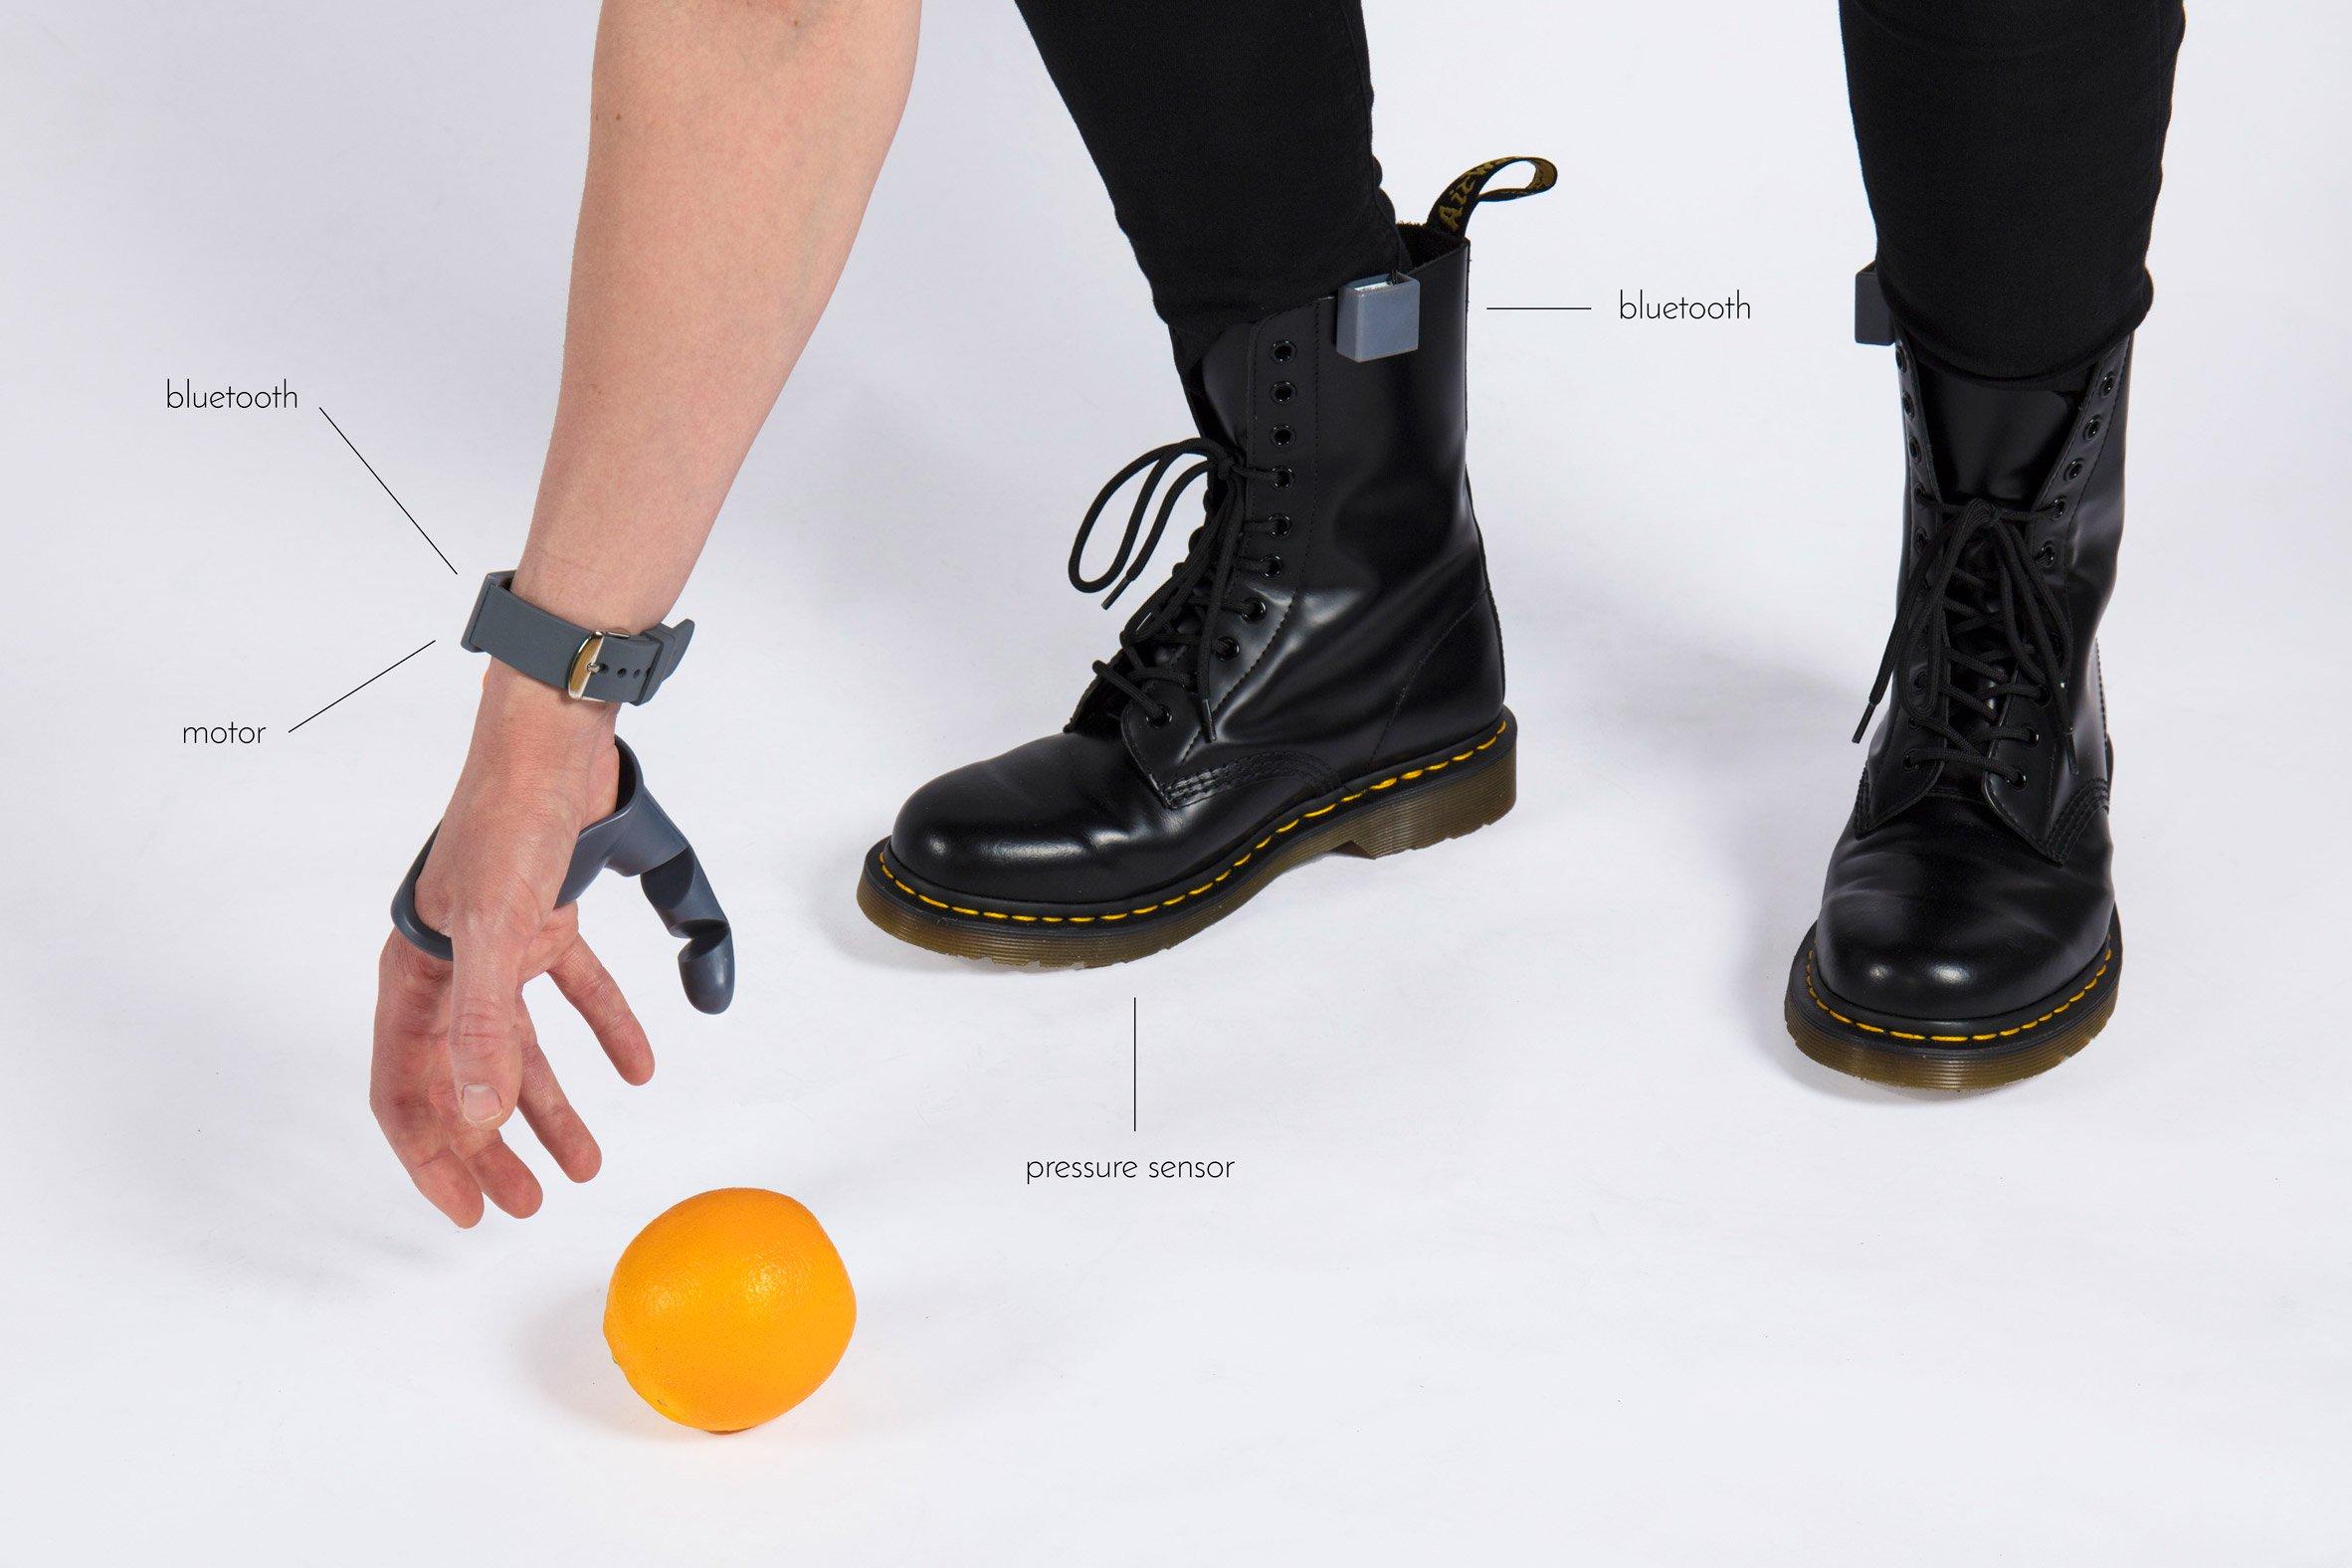 """3d gedruckter finger3 - Studentin entwickelt prothetischen """"dritten Daumen"""" mithilfe von 3D-Druck"""